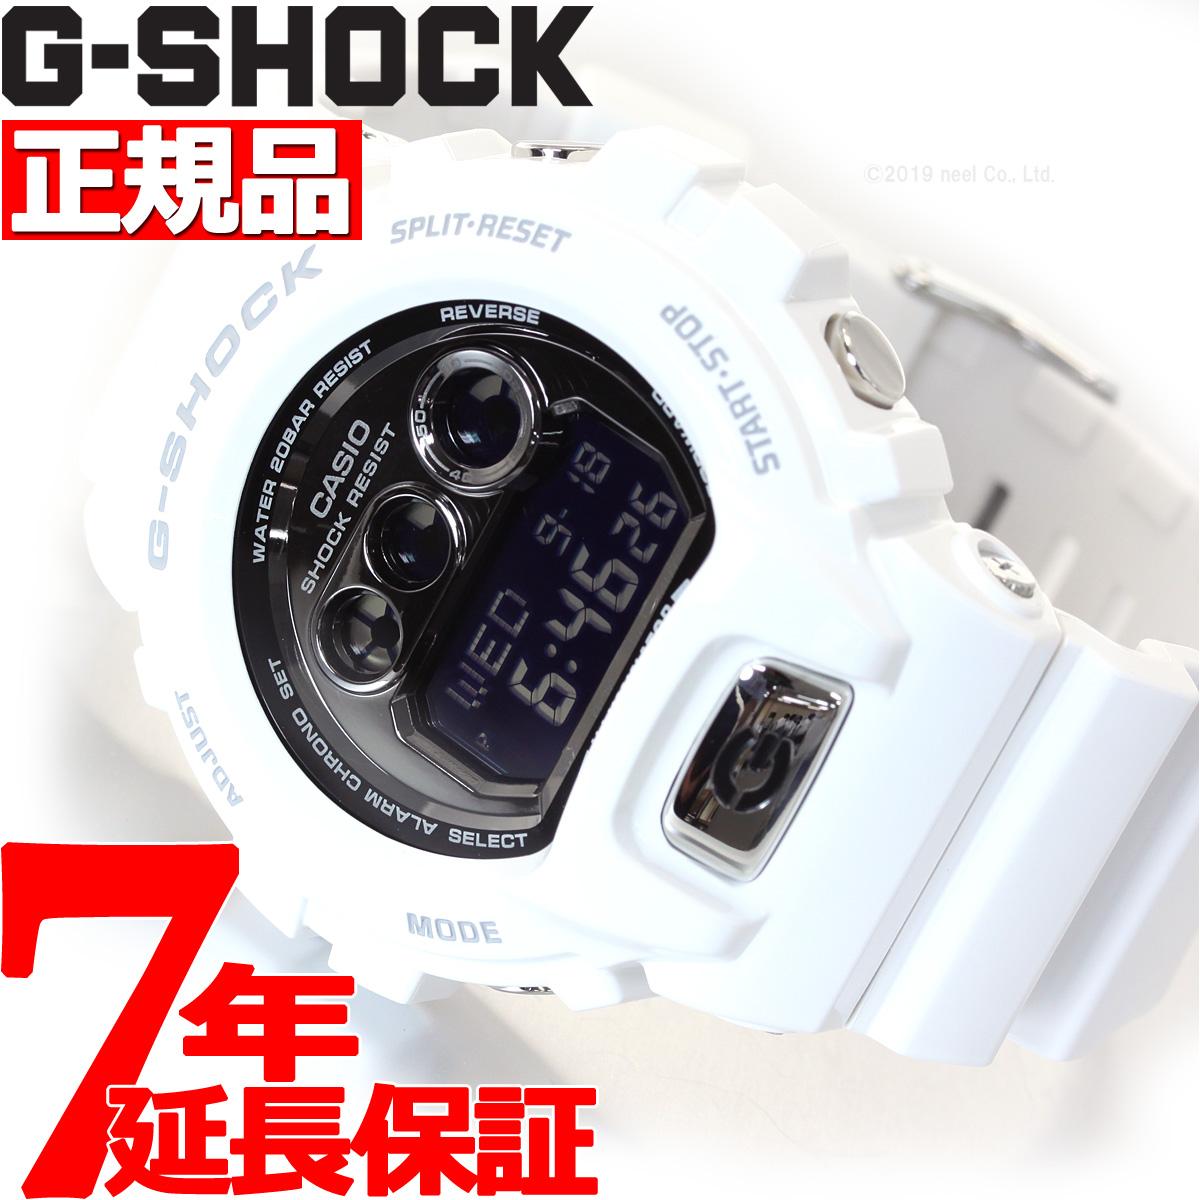 【5日0時~♪2000円OFFクーポン&店内ポイント最大51倍!5日23時59分まで】G-SHOCK ホワイト 白 6900 腕時計 メンズ デジタル GD-X6900FB-7JF